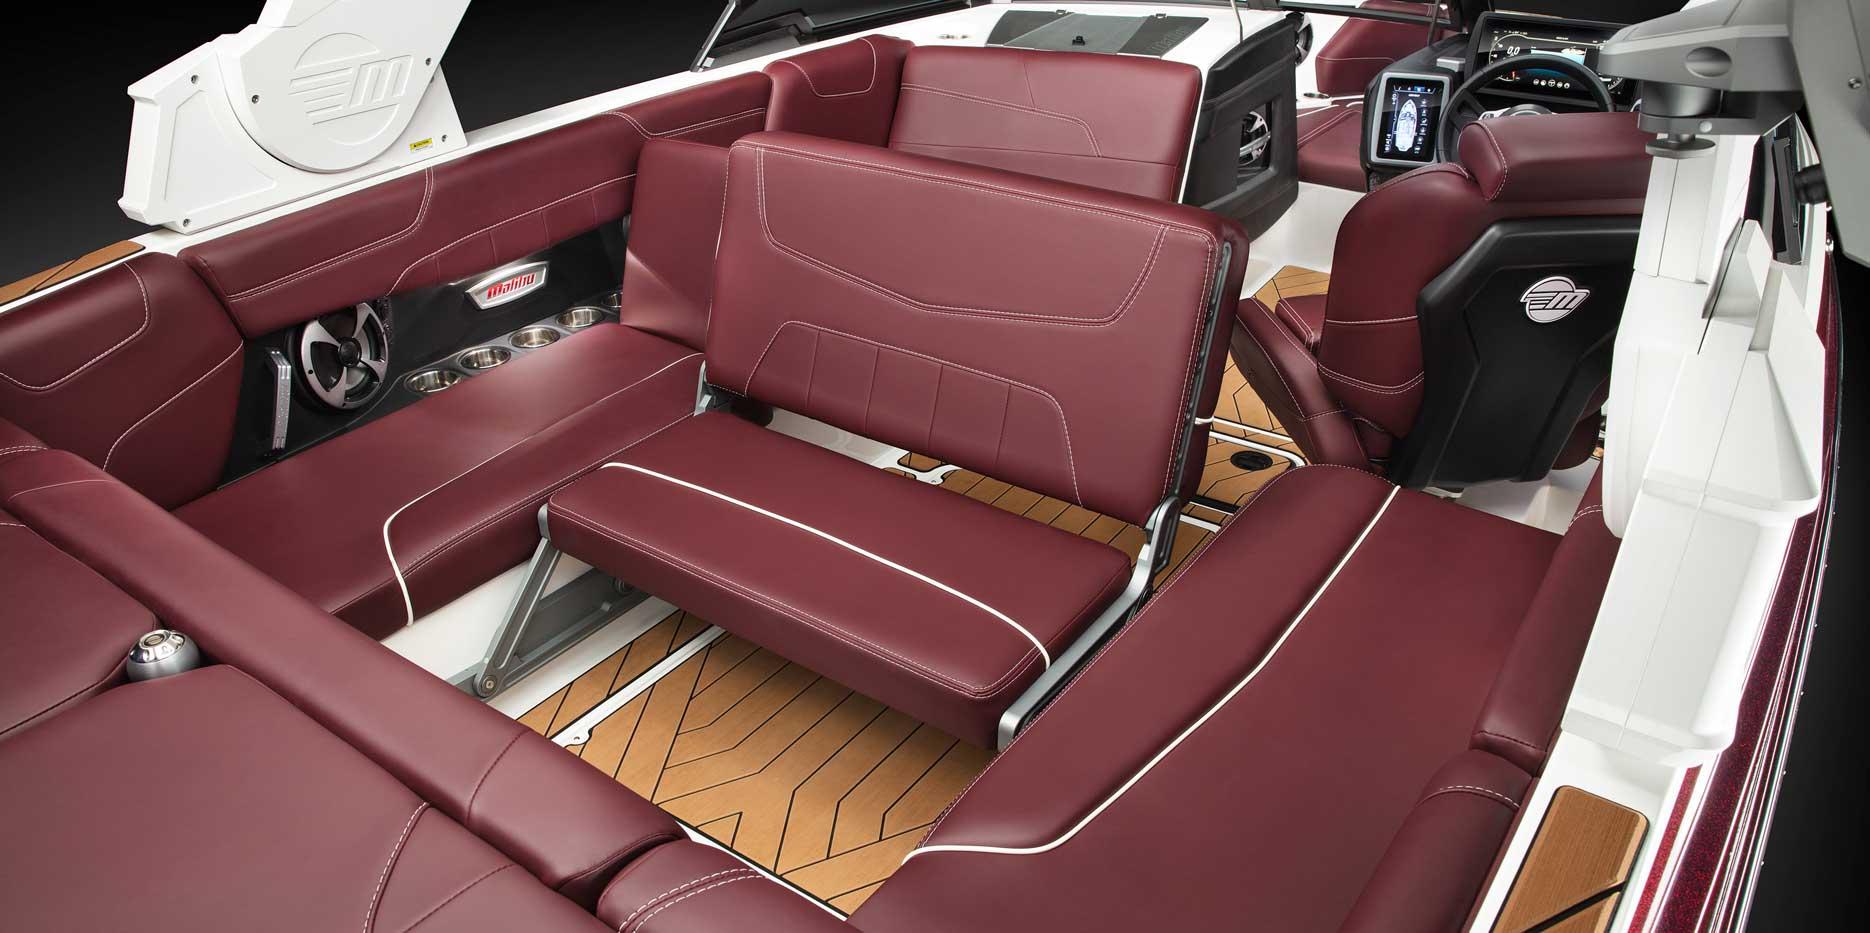 Malibu Boats 22 LSV Wake View Bench Seat.